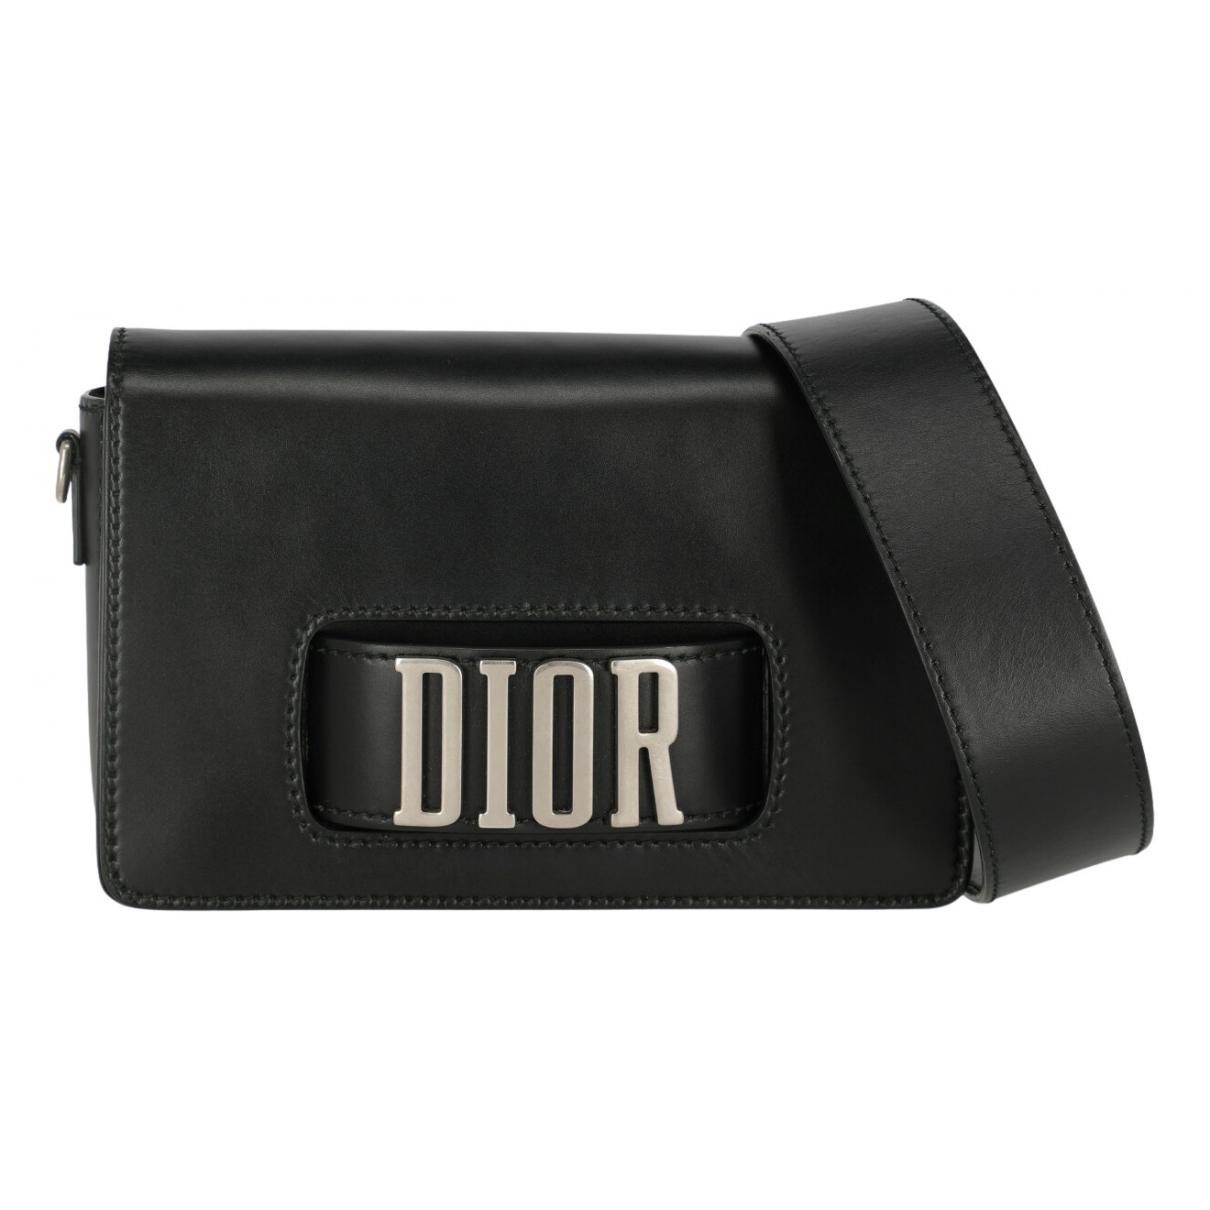 Dior - Sac a main Dio(r)evolution pour femme en cuir - noir